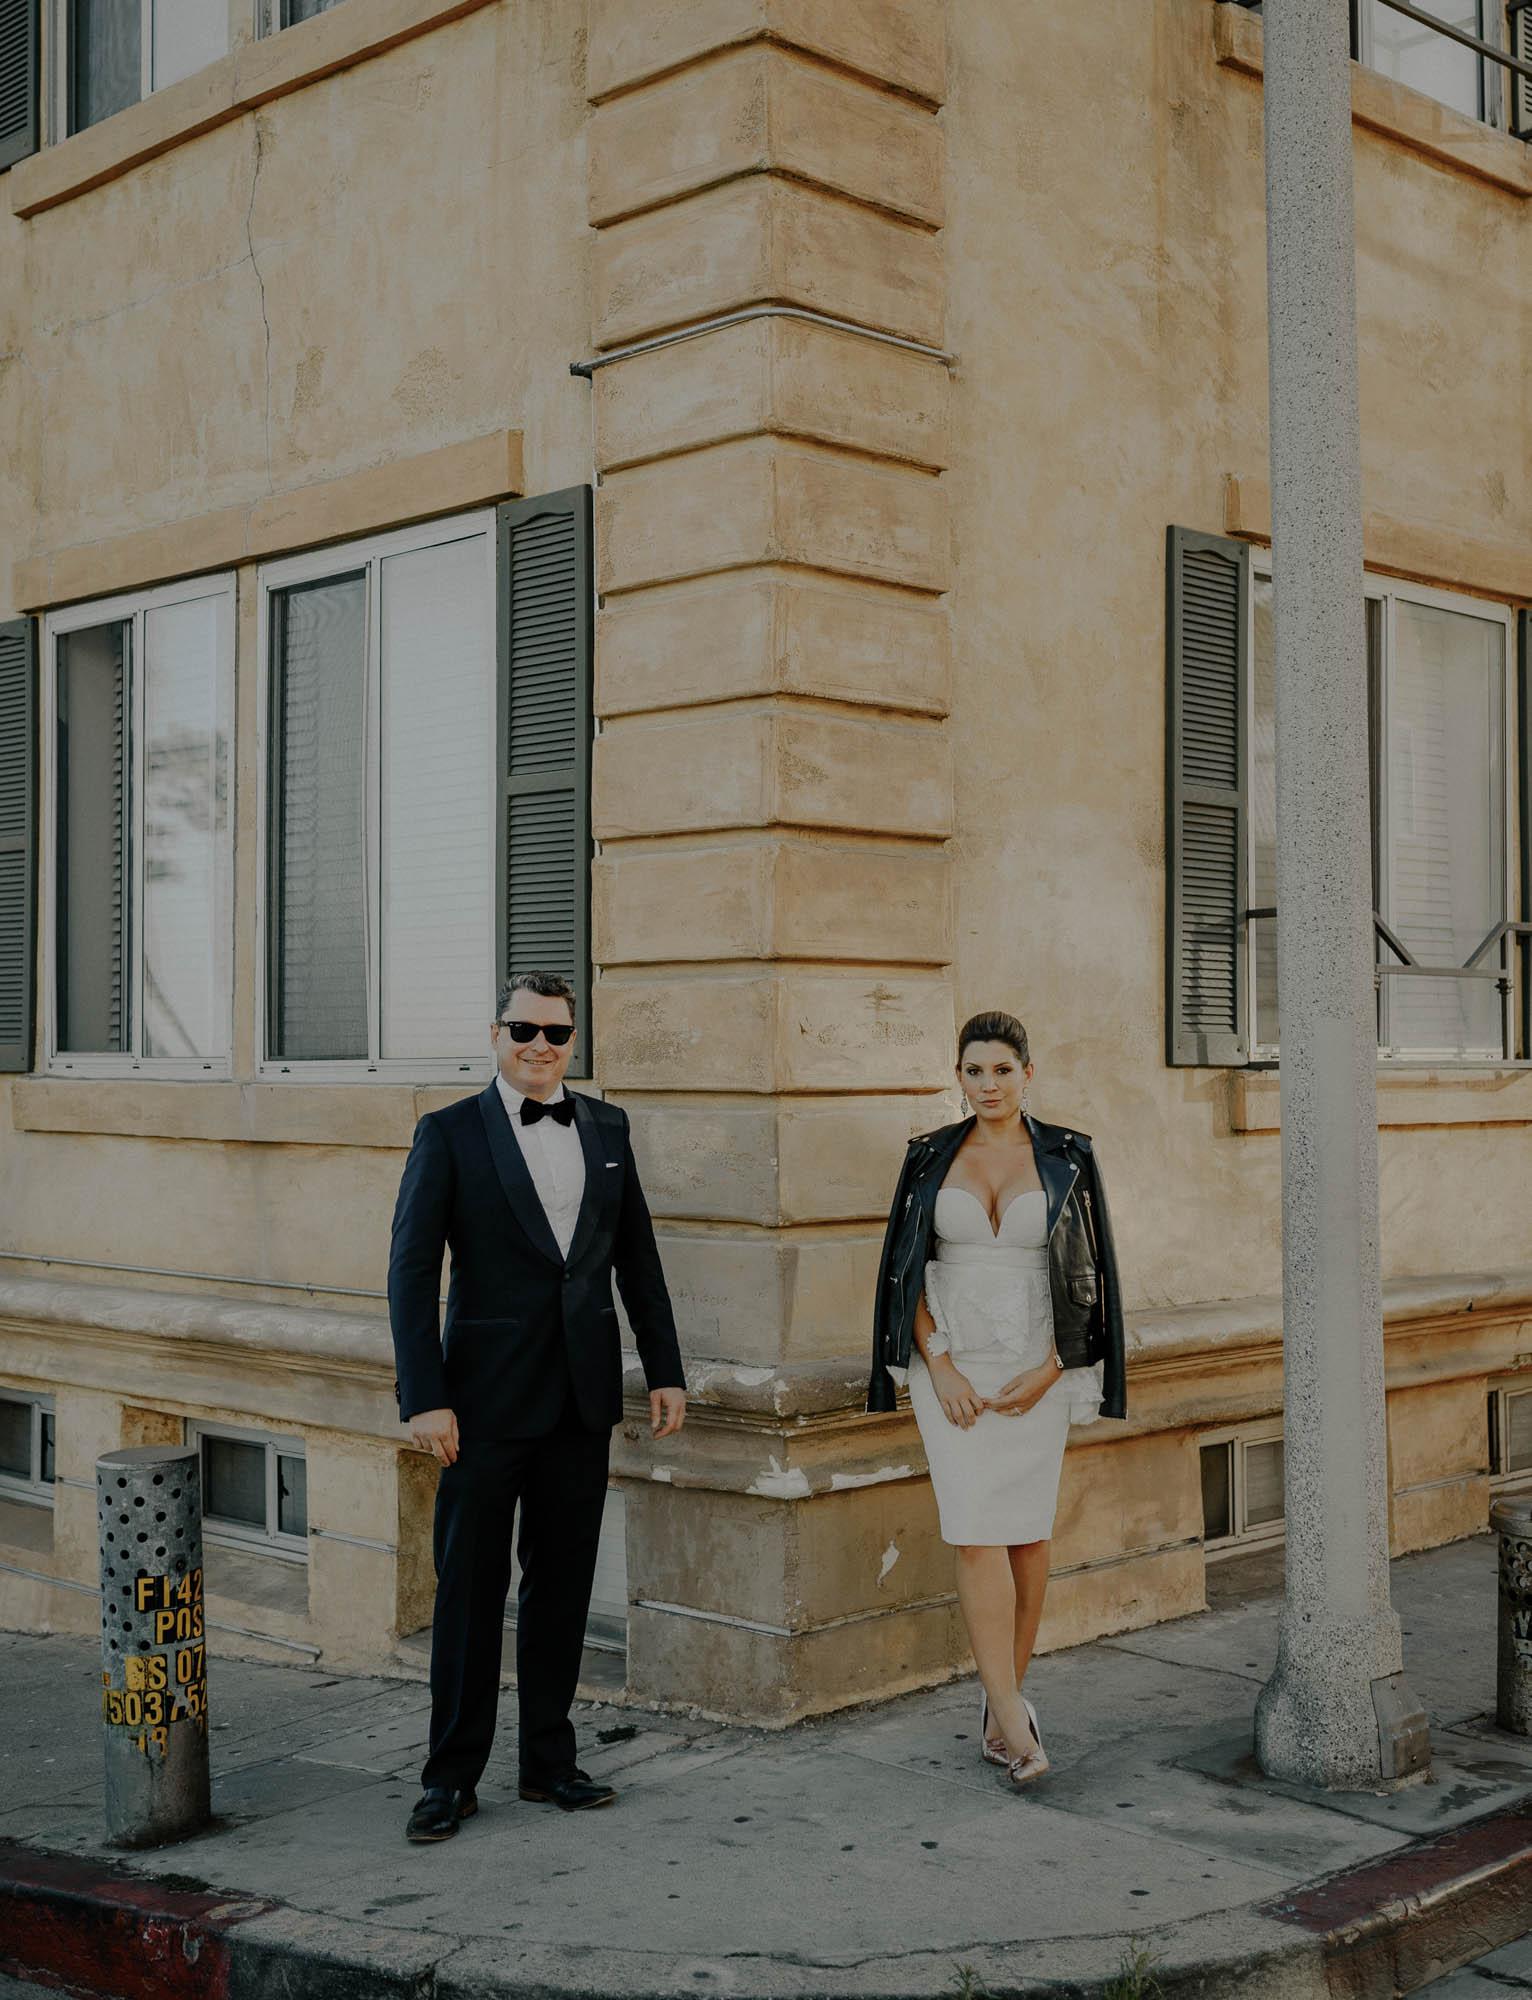 Ebony-Jason-Wedding-Indulge-Magazine-8-of-16.jpg